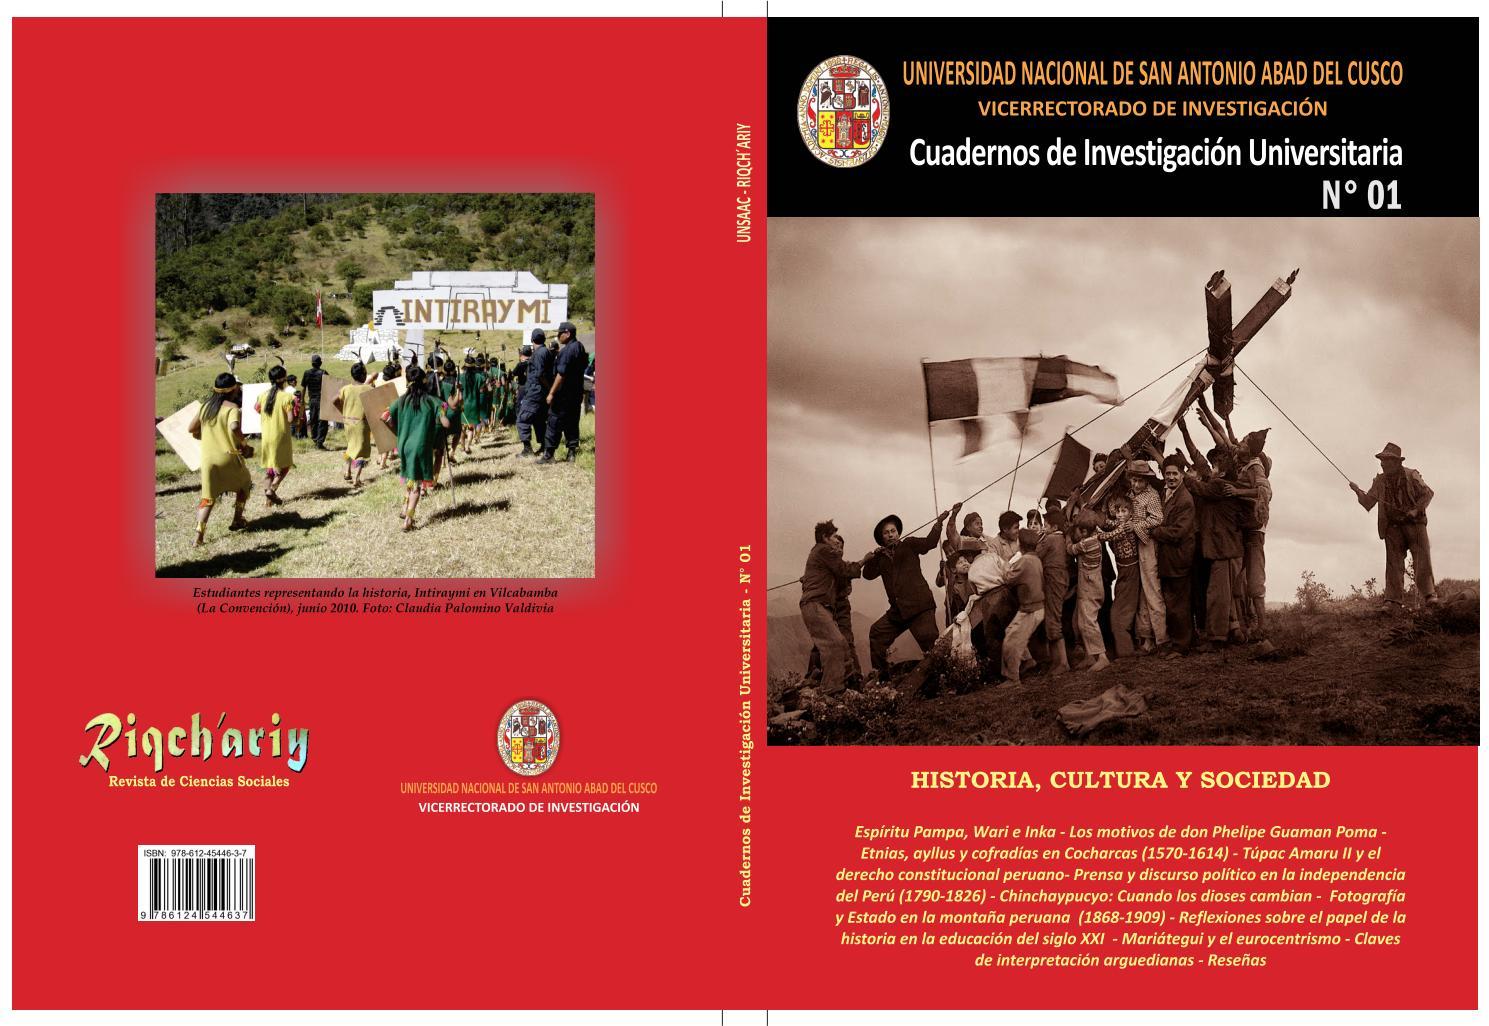 Cuadernos de Investigación N° 01 by Edgard villafuerte acuña - issuu